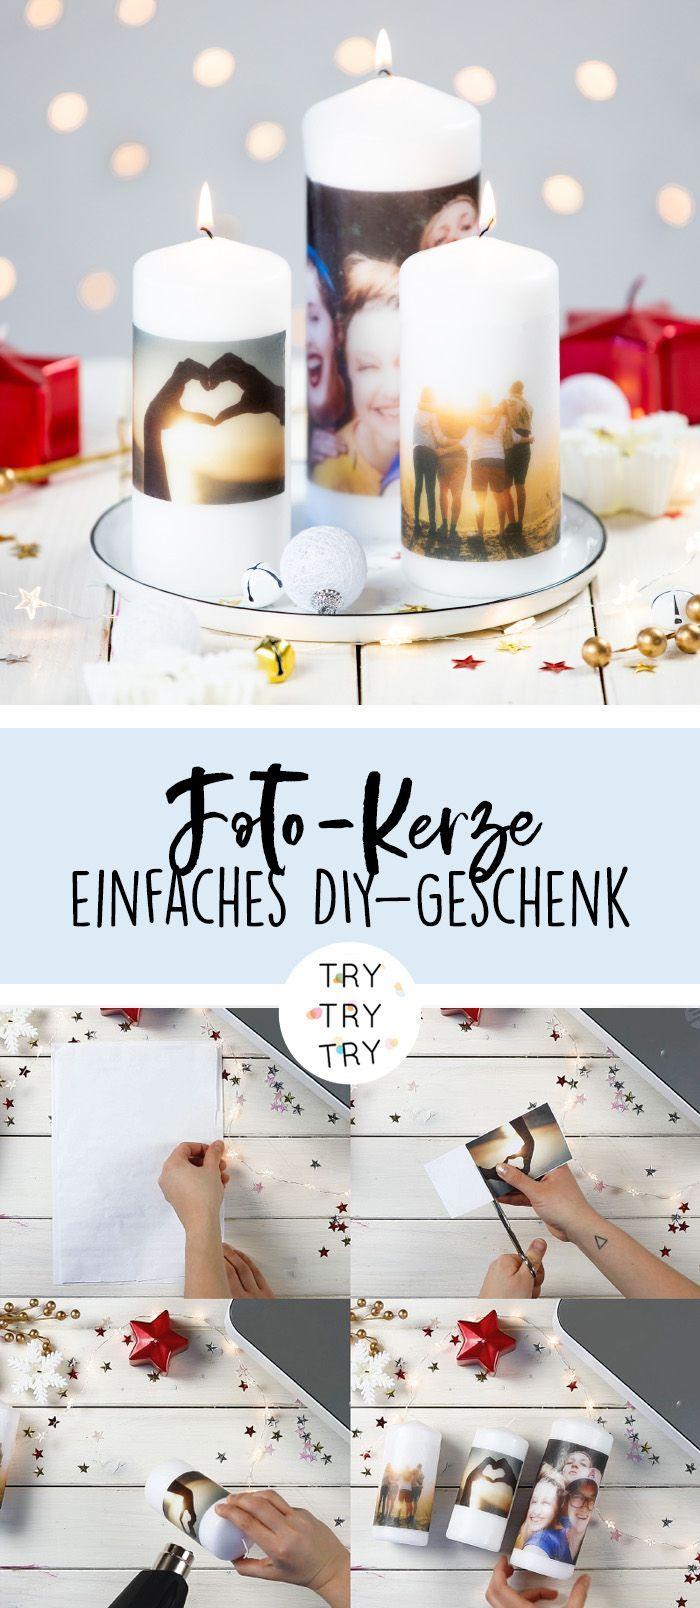 3 DIY Foto-Geschenke: Fotokerze, Foto-Leporello und Foto-Lesezeichen